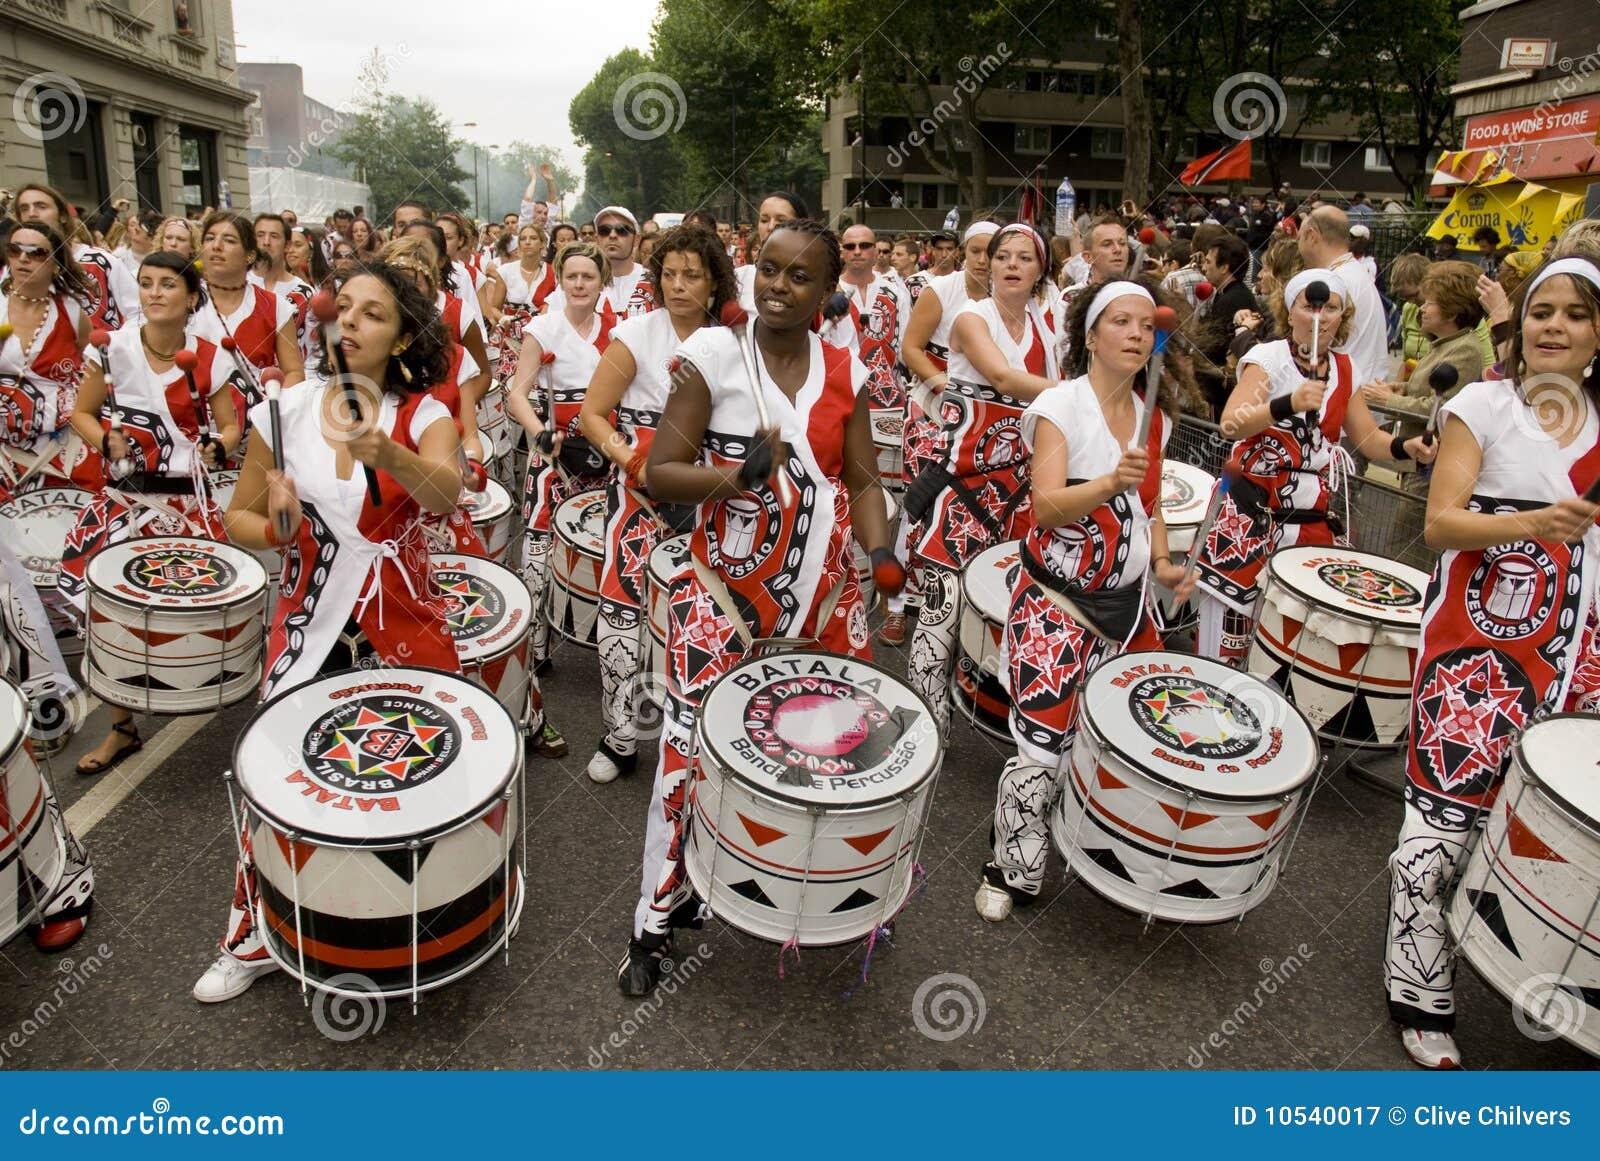 Batala que executa no carnaval de Notting Hill